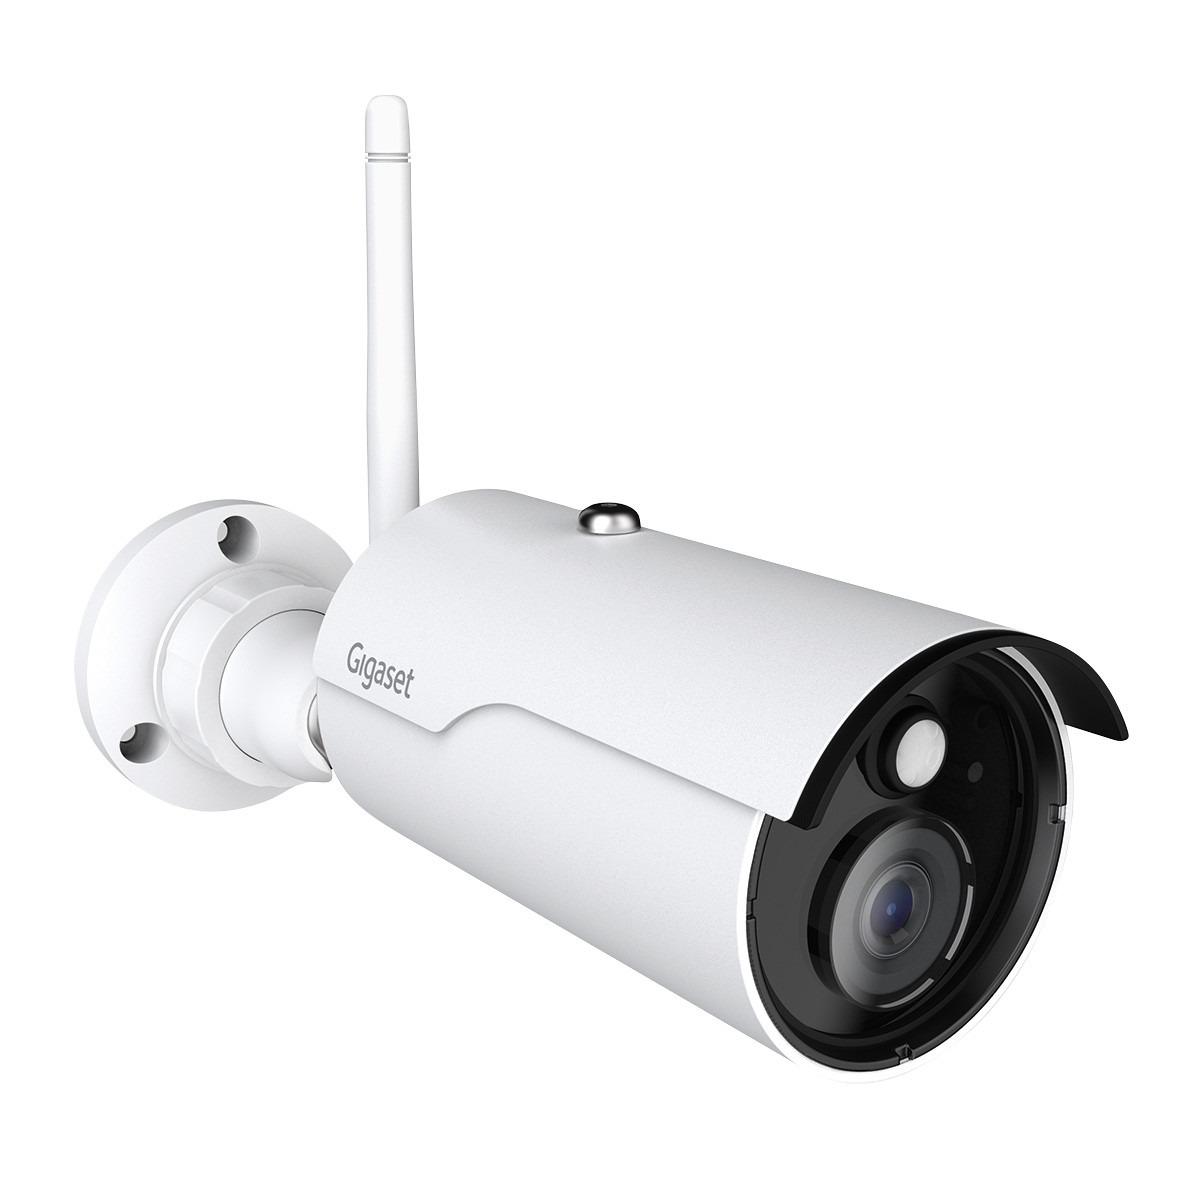 Gigaset Outdoor camera IP-camera online kopen